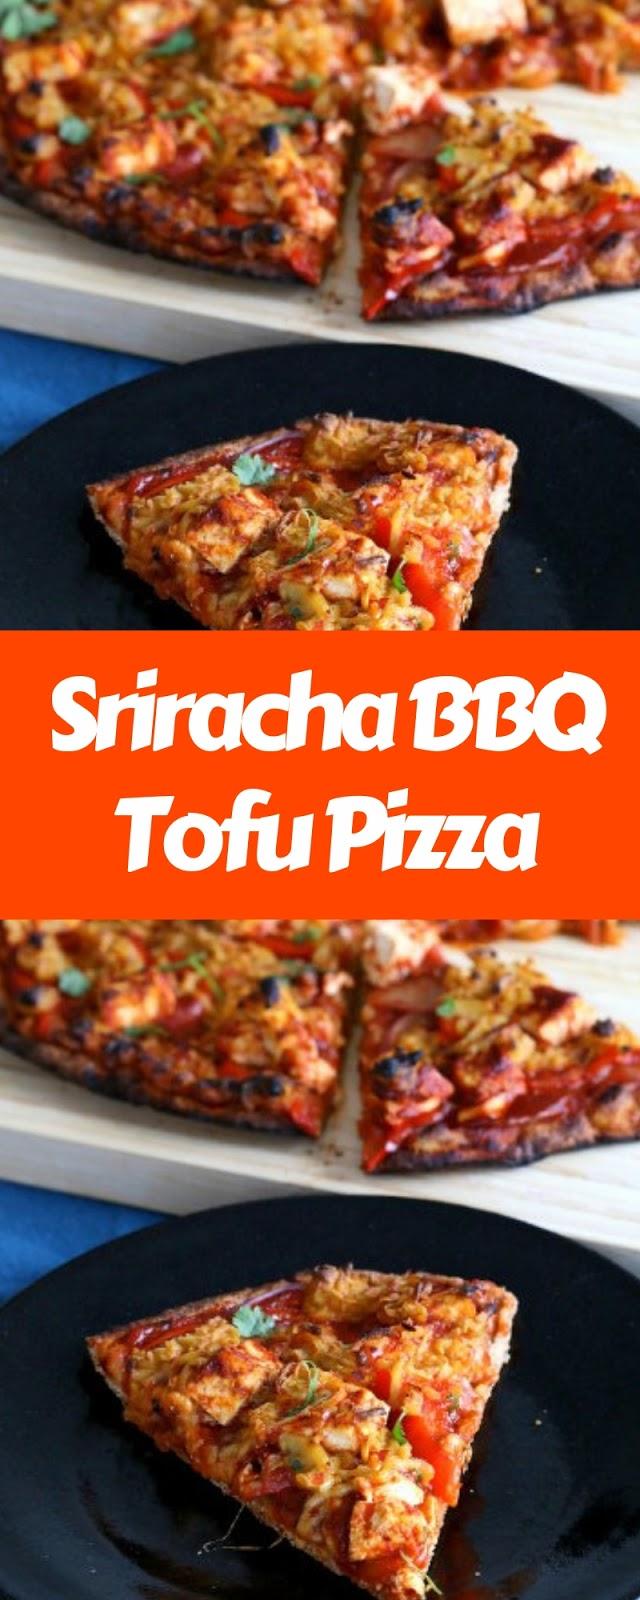 Sriracha BBQ Tofu Pizza